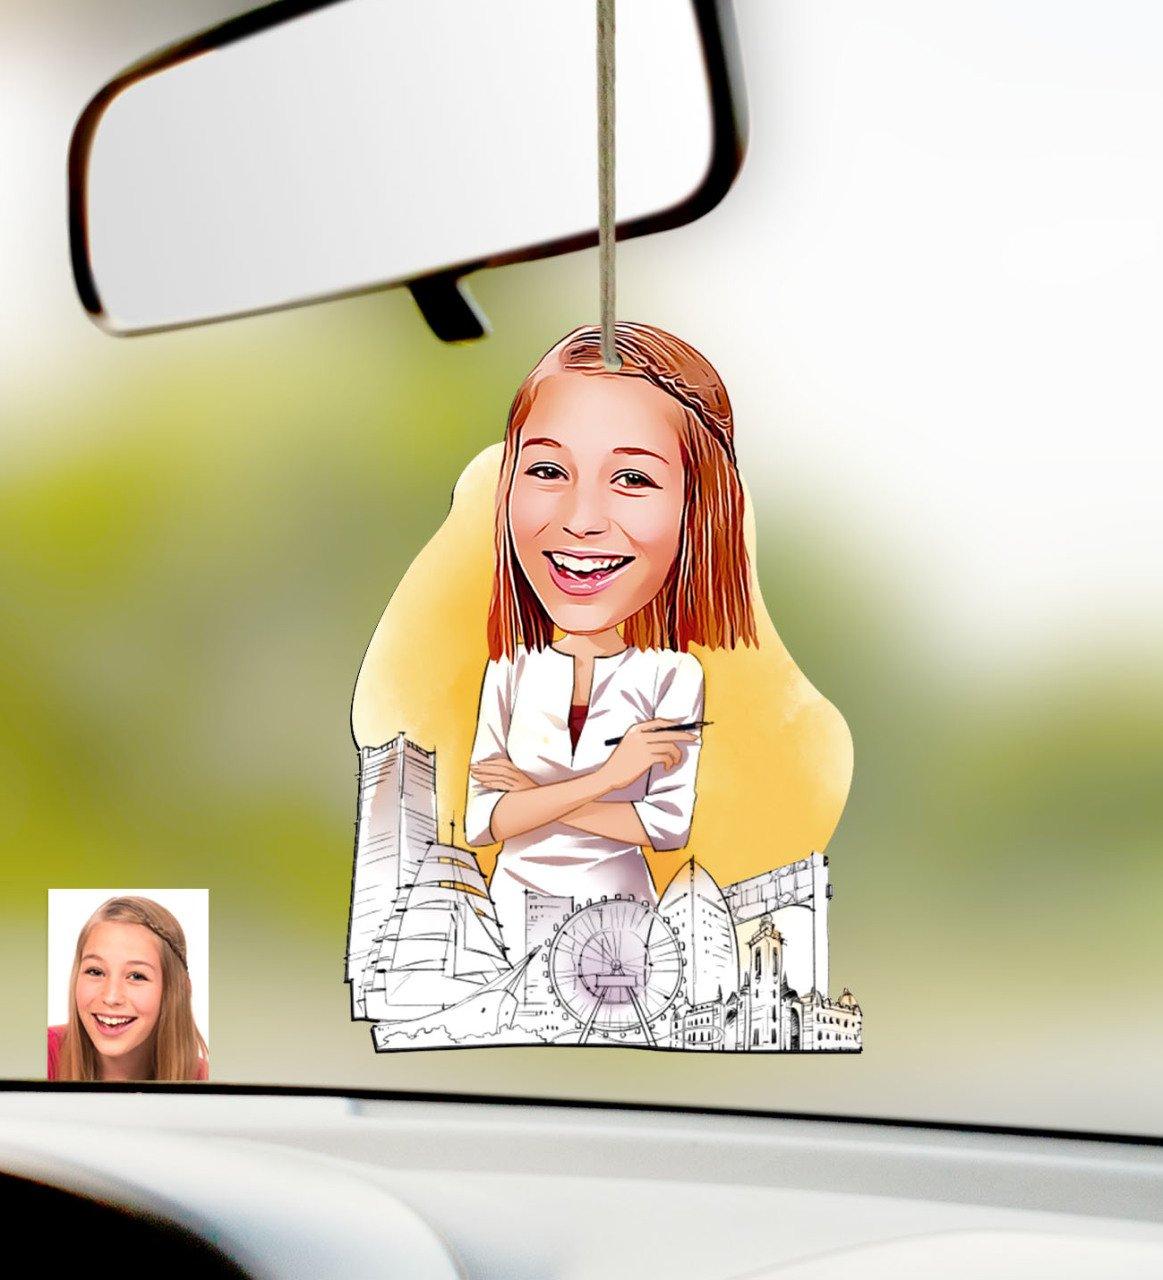 مرآة رؤية خلفية خشبية للسيارة ، زخرفة شخصية للمعماري النسائي